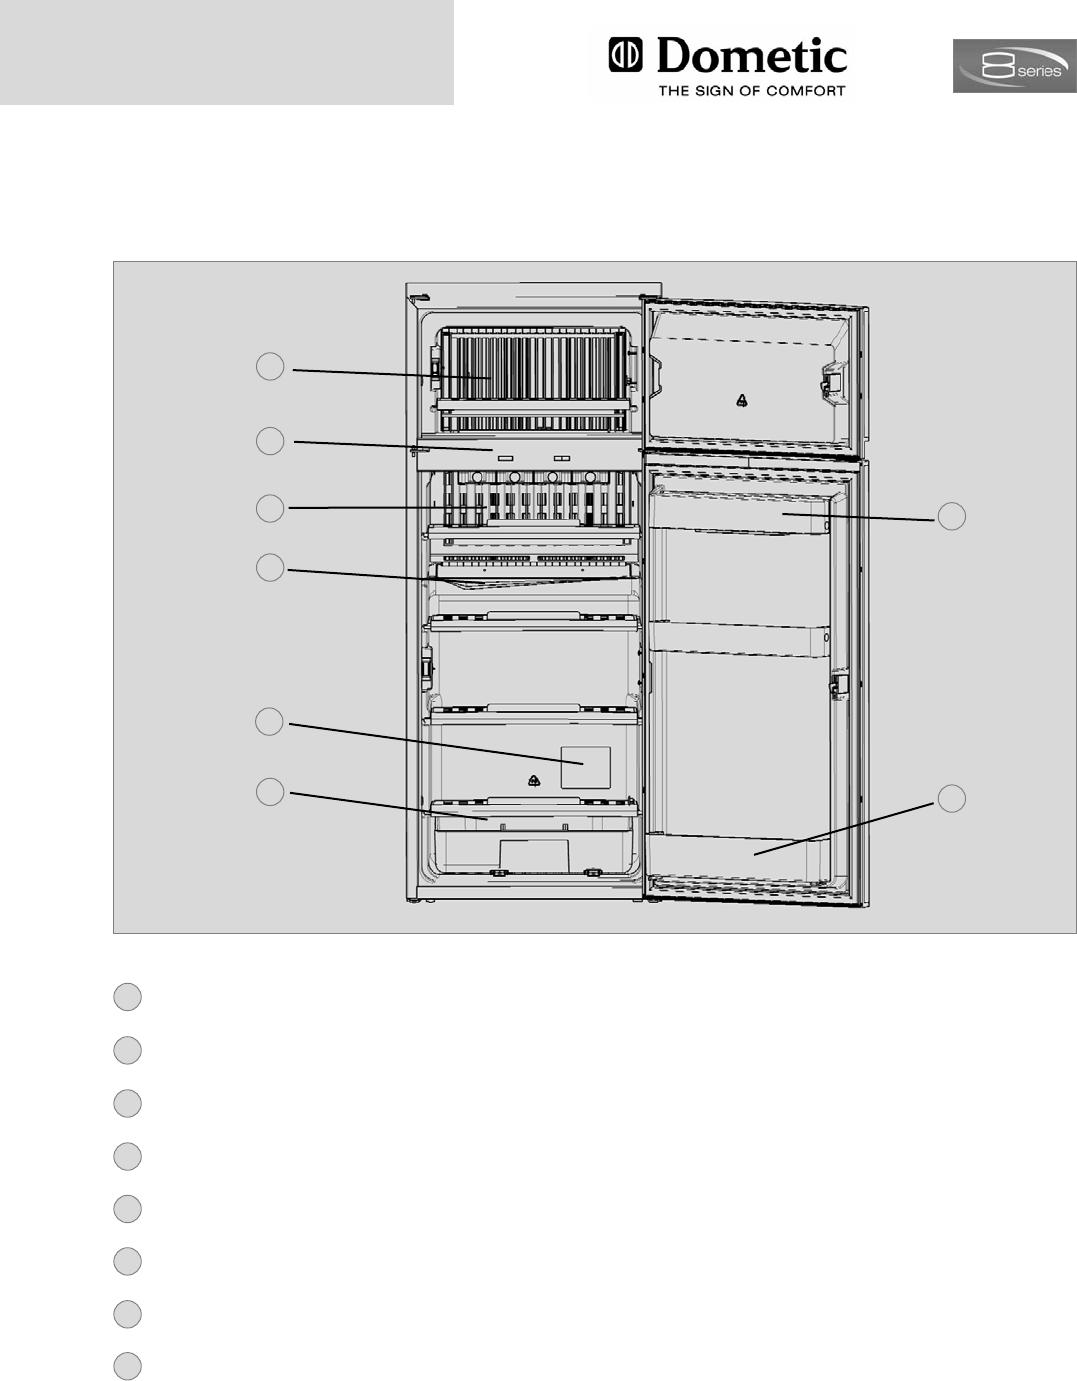 handleiding dometic rmd 8505 pagina 12 van 26 nederlands. Black Bedroom Furniture Sets. Home Design Ideas